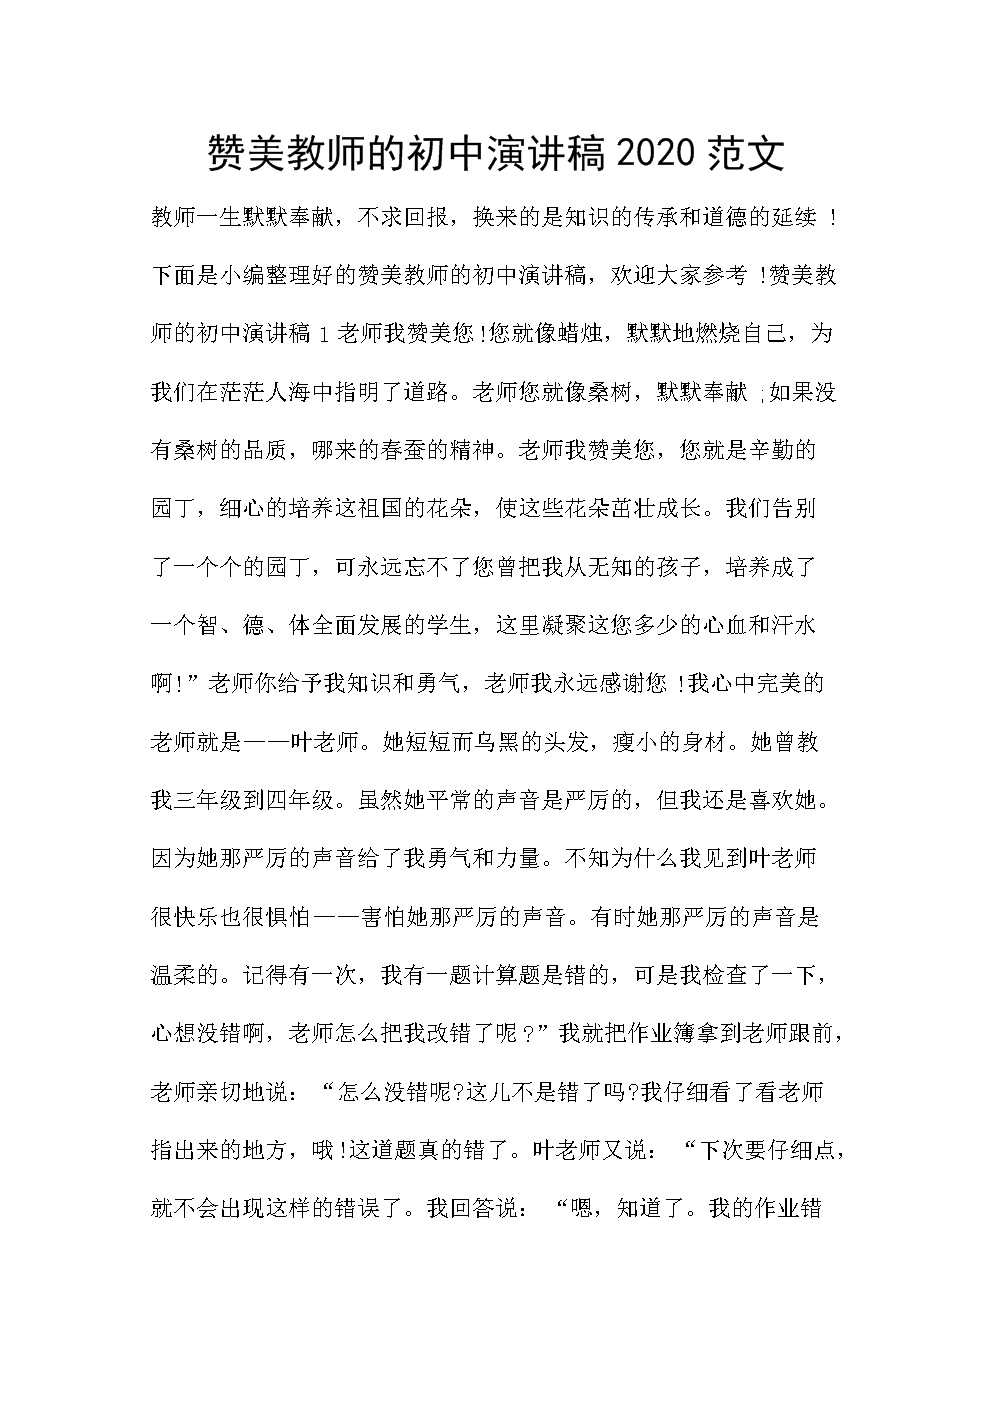 赞美教师的初中演讲稿2020范文.doc